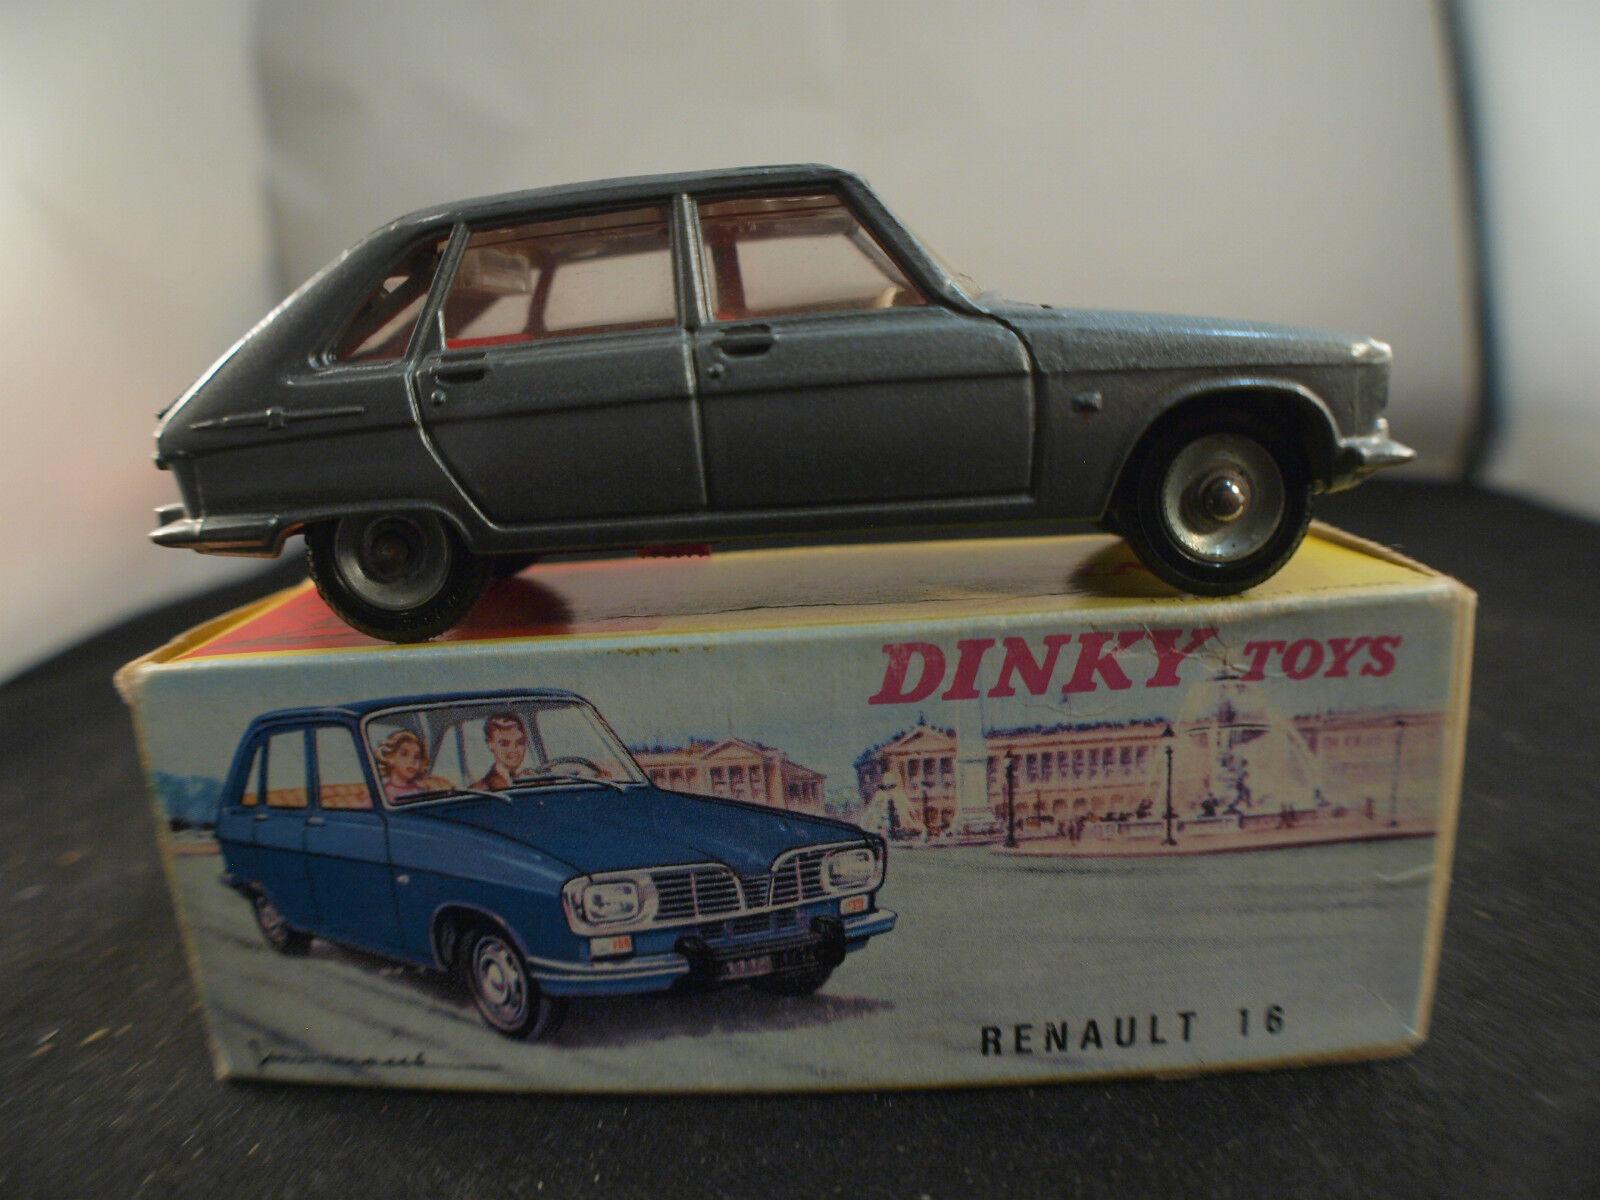 Dinky Toys F n° 537 Renault R16 en boite 1 43